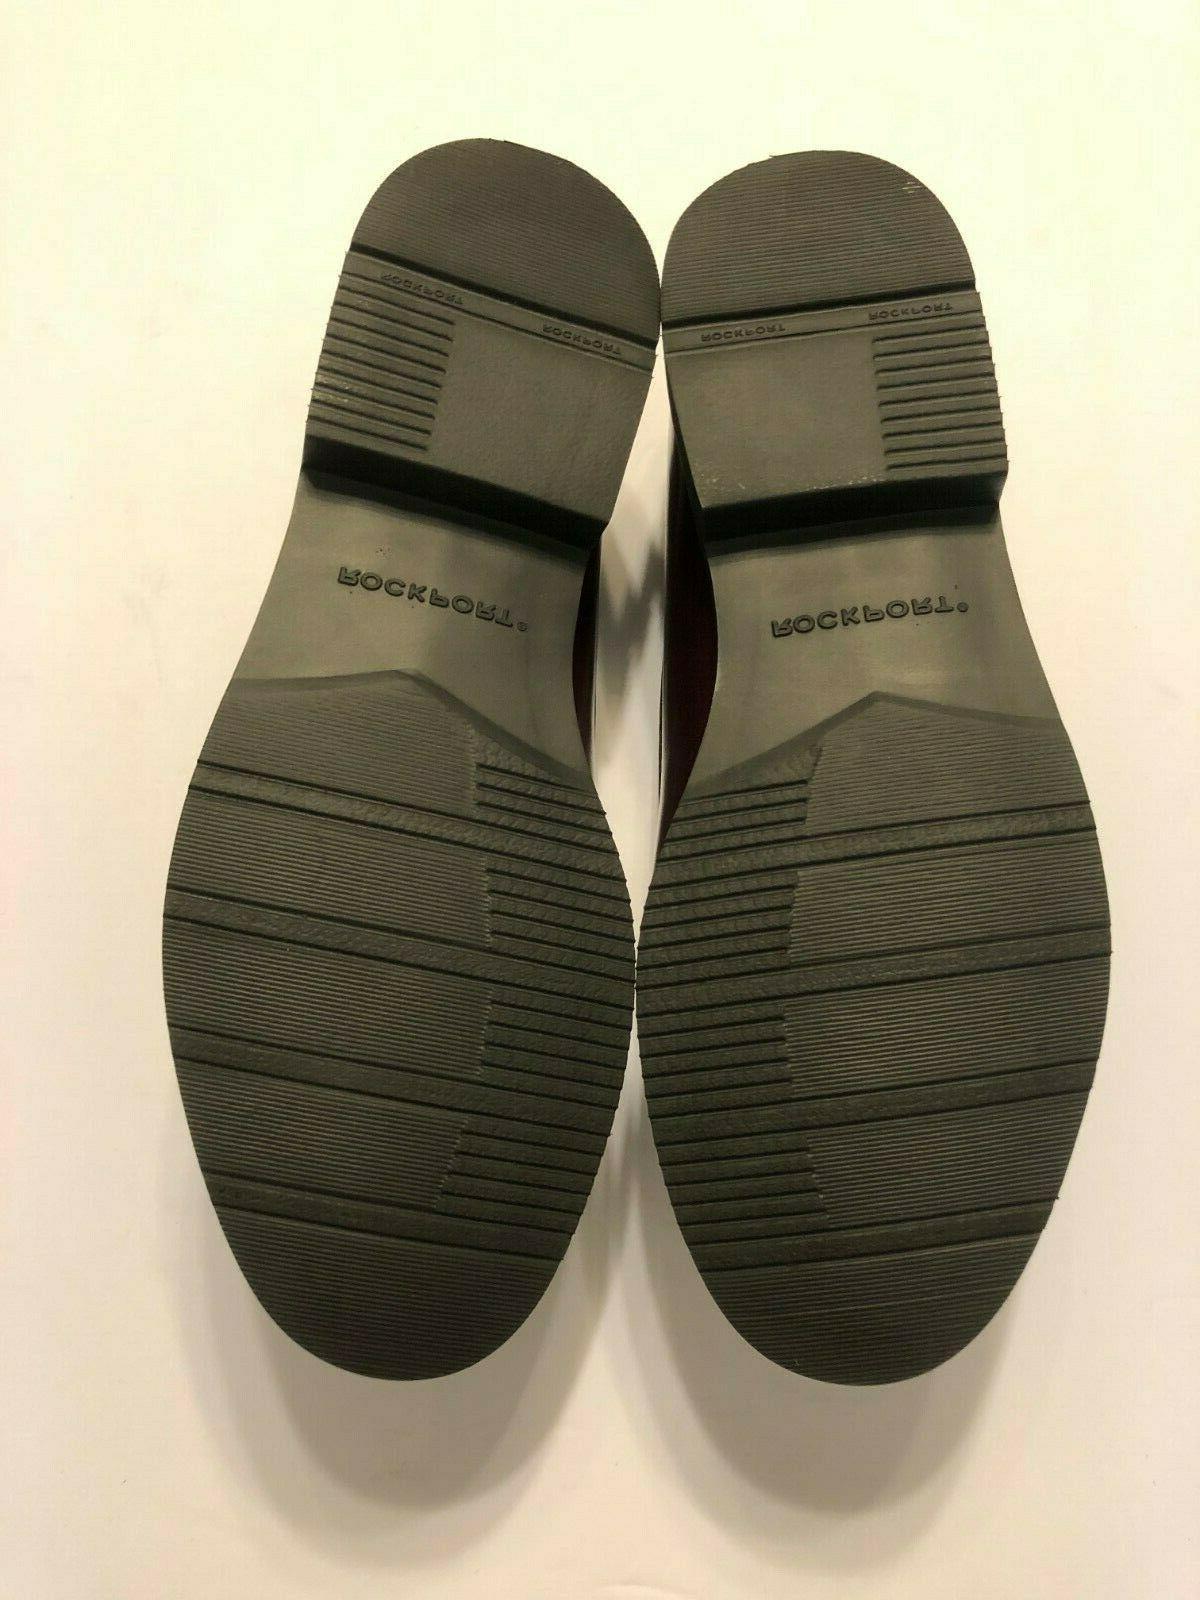 Rockport Comfort Loafer Size 11.5